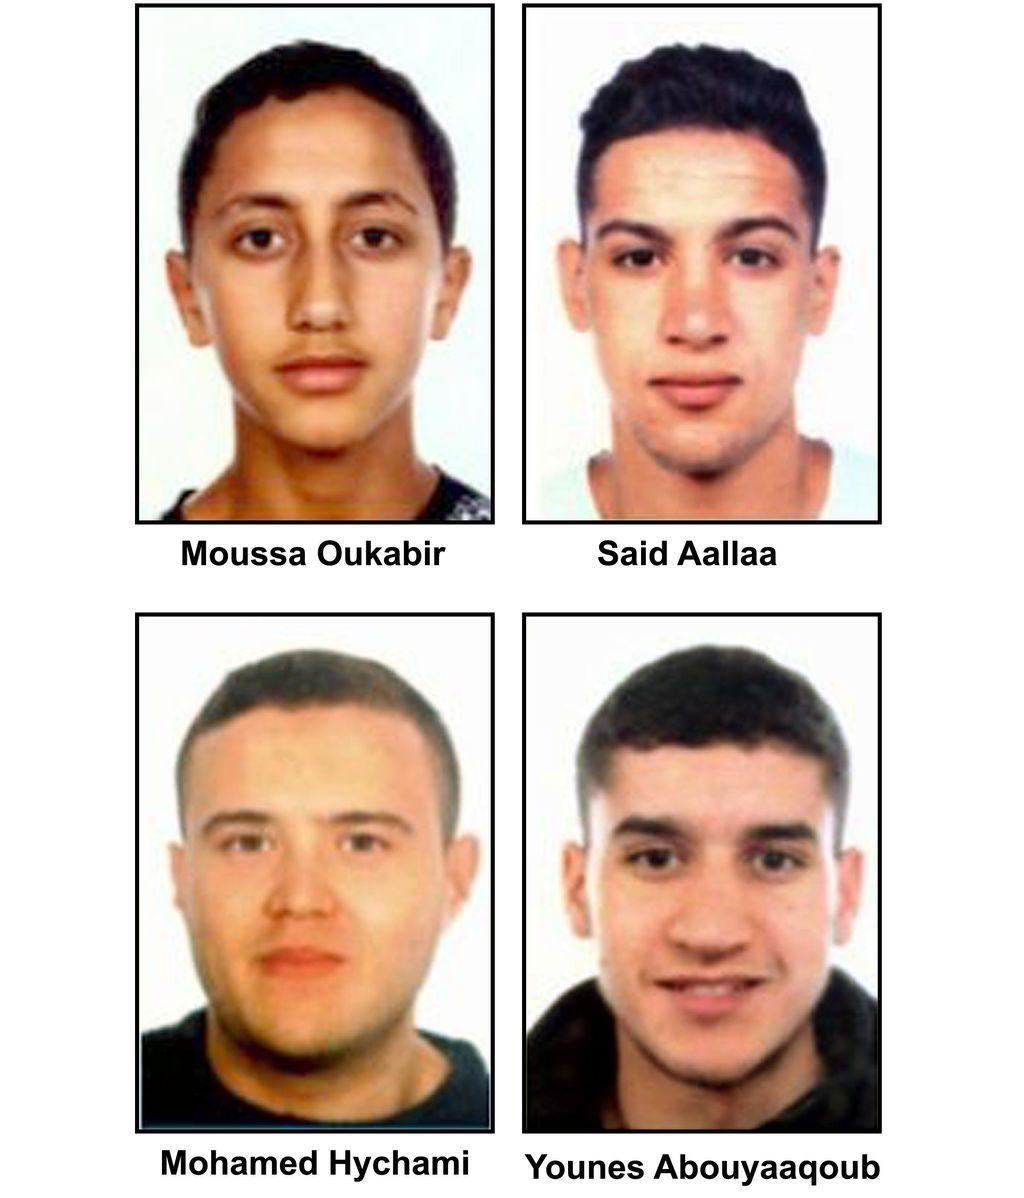 La Policía busca a 4 jóvenes por su relación con los atentados de Barcelona y Cambrils